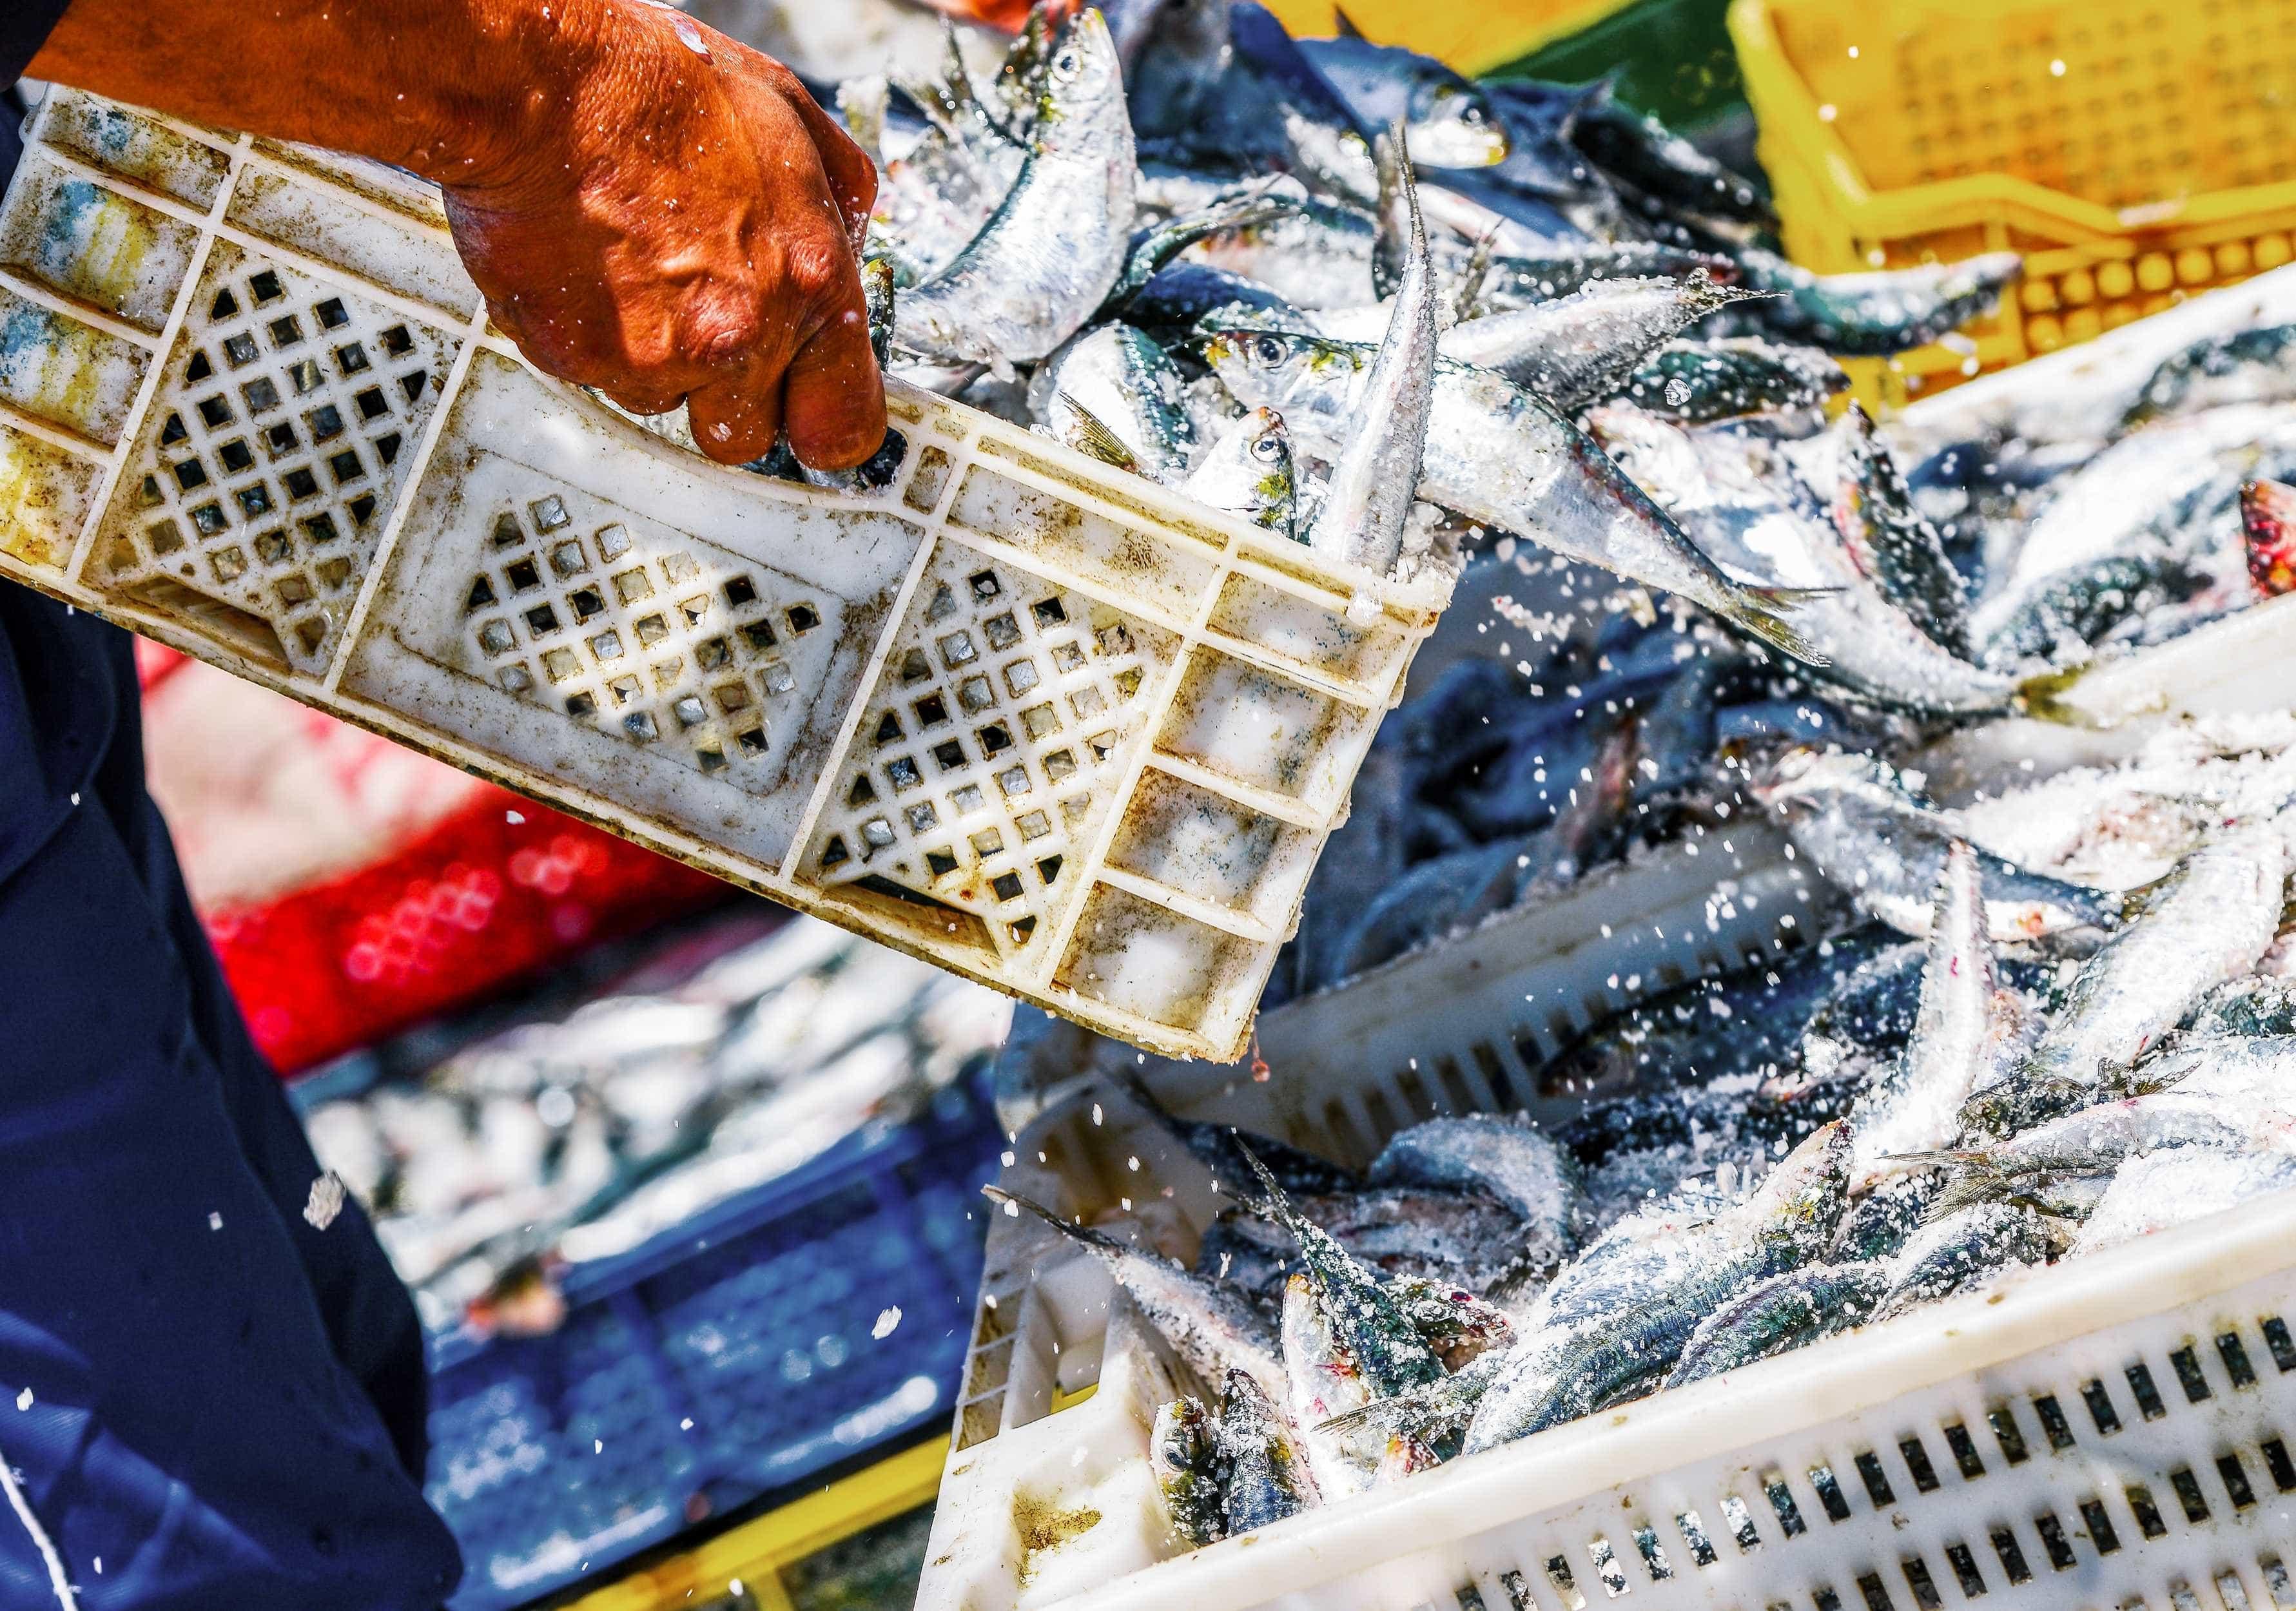 Inspetores das pescas retomam hoje greve ao trabalho extraordinário